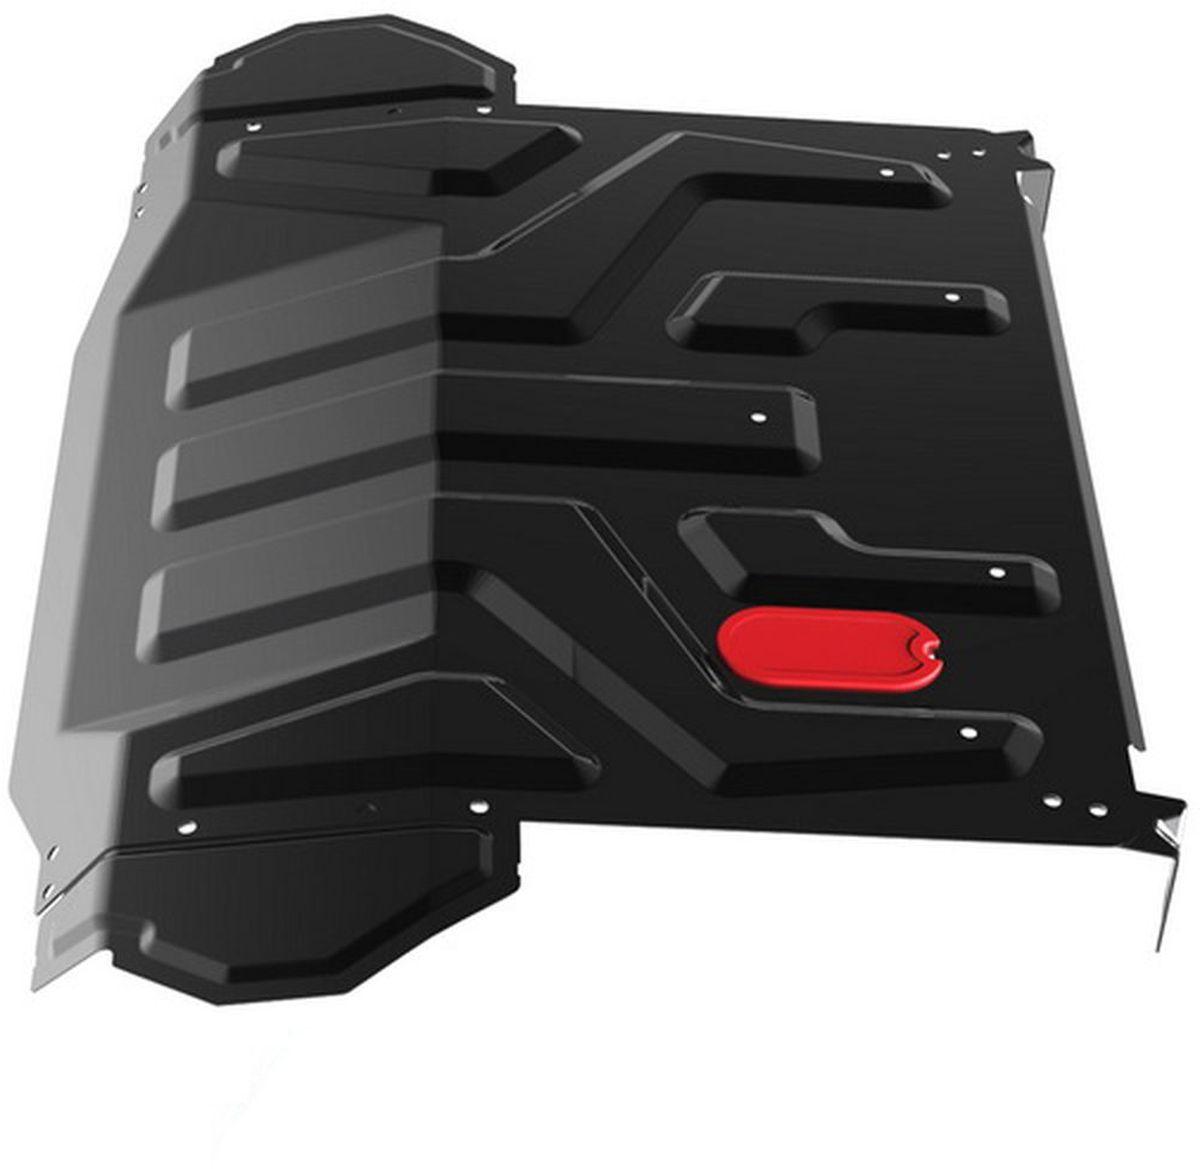 Защита картера и КПП Автоброня, для Lada 2110/2170 Priora. 1.06018.11.06018.1Технологически совершенный продукт за невысокую стоимость. Защита разработана с учетом особенностей днища автомобиля, что позволяет сохранить дорожный просвет с минимальным изменением. Защита устанавливается в штатные места кузова автомобиля. Глубокий штамп обеспечивает до двух раз больше жесткости в сравнении с обычной защитой той же толщины. Проштампованные ребра жесткости препятствуют деформации защиты при ударах. Тепловой зазор и вентиляционные отверстия обеспечивают сохранение температурного режима двигателя в норме. Скрытый крепеж предотвращает срыв крепежных элементов при наезде на препятствие. Шумопоглощающие резиновые элементы обеспечивают комфортную езду без вибраций и скрежета металла, а съемные лючки для слива масла и замены фильтра - экономию средств и время. Конструкция изделия не влияет на пассивную безопасность автомобиля (при ударе защита не воздействует на деформационные зоны кузова). Со штатным крепежом. В комплекте инструкция по...